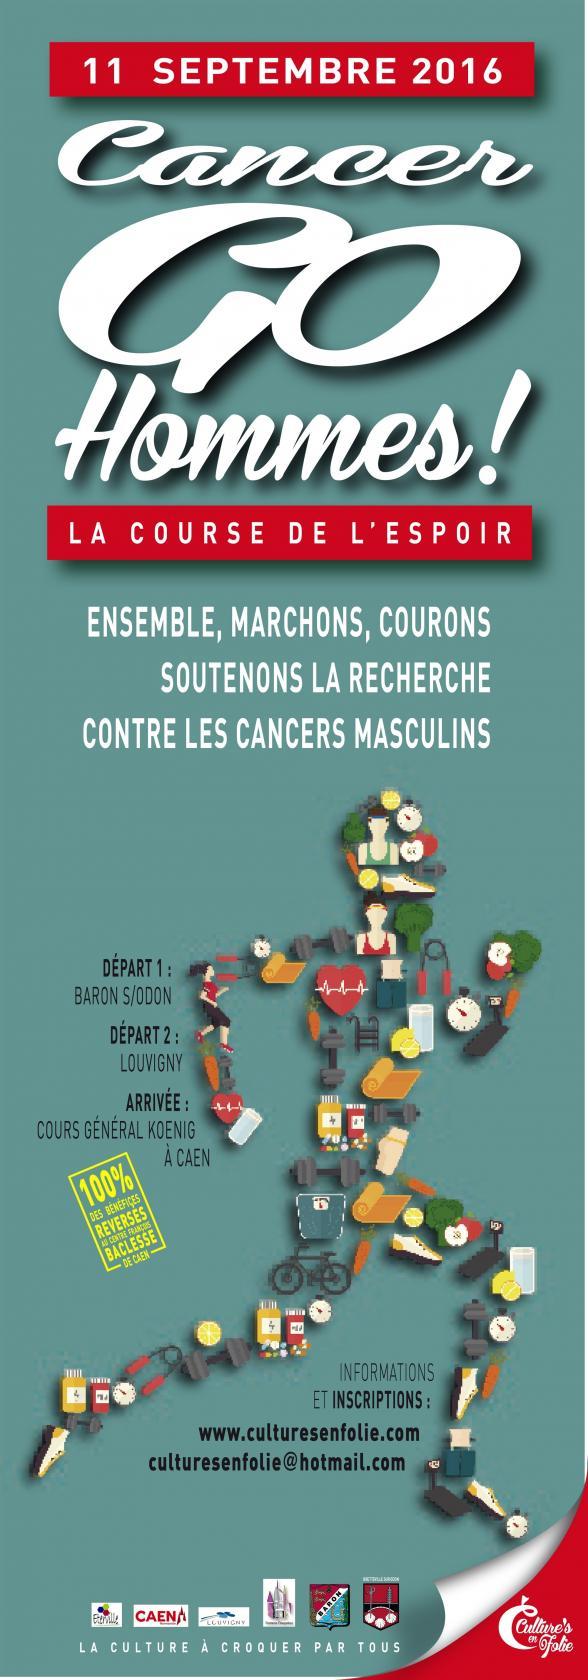 Marche course solidaire pour la lutte contre le cancer masculin Baron-sur-Odon